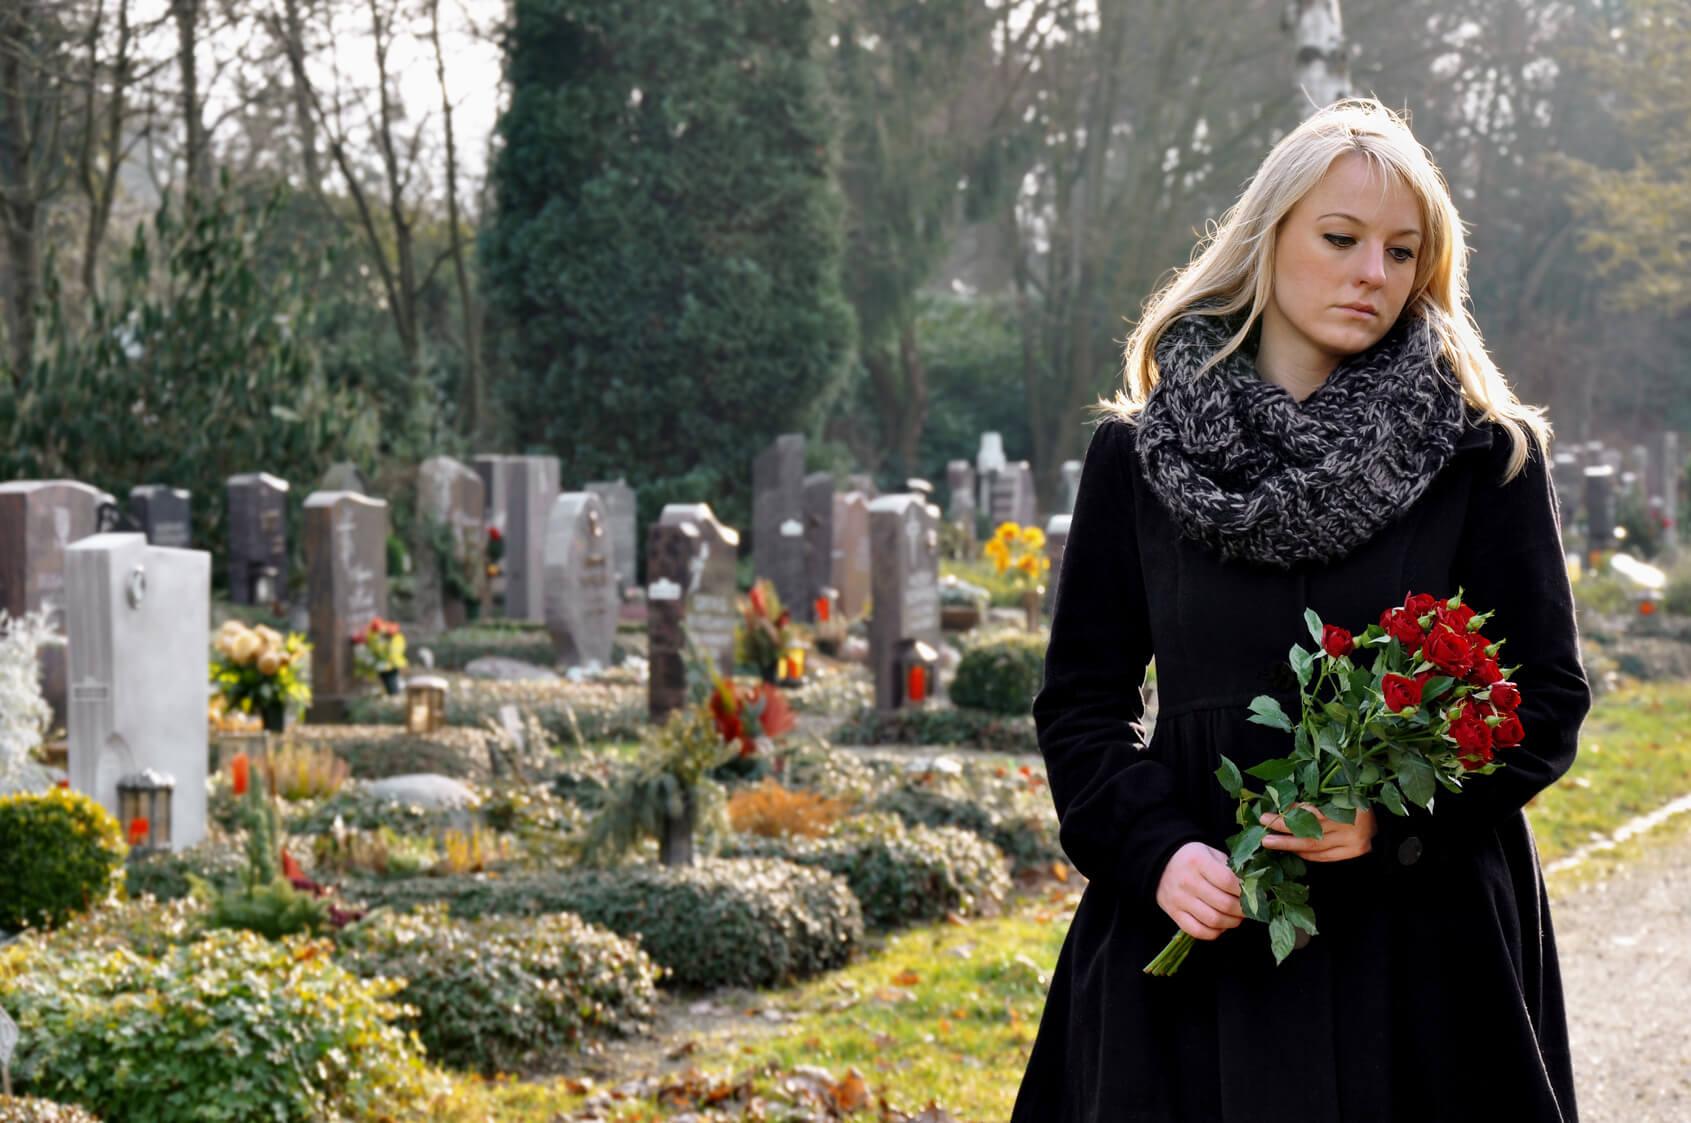 Trauerrede für Verstorbenen schreiben und halten